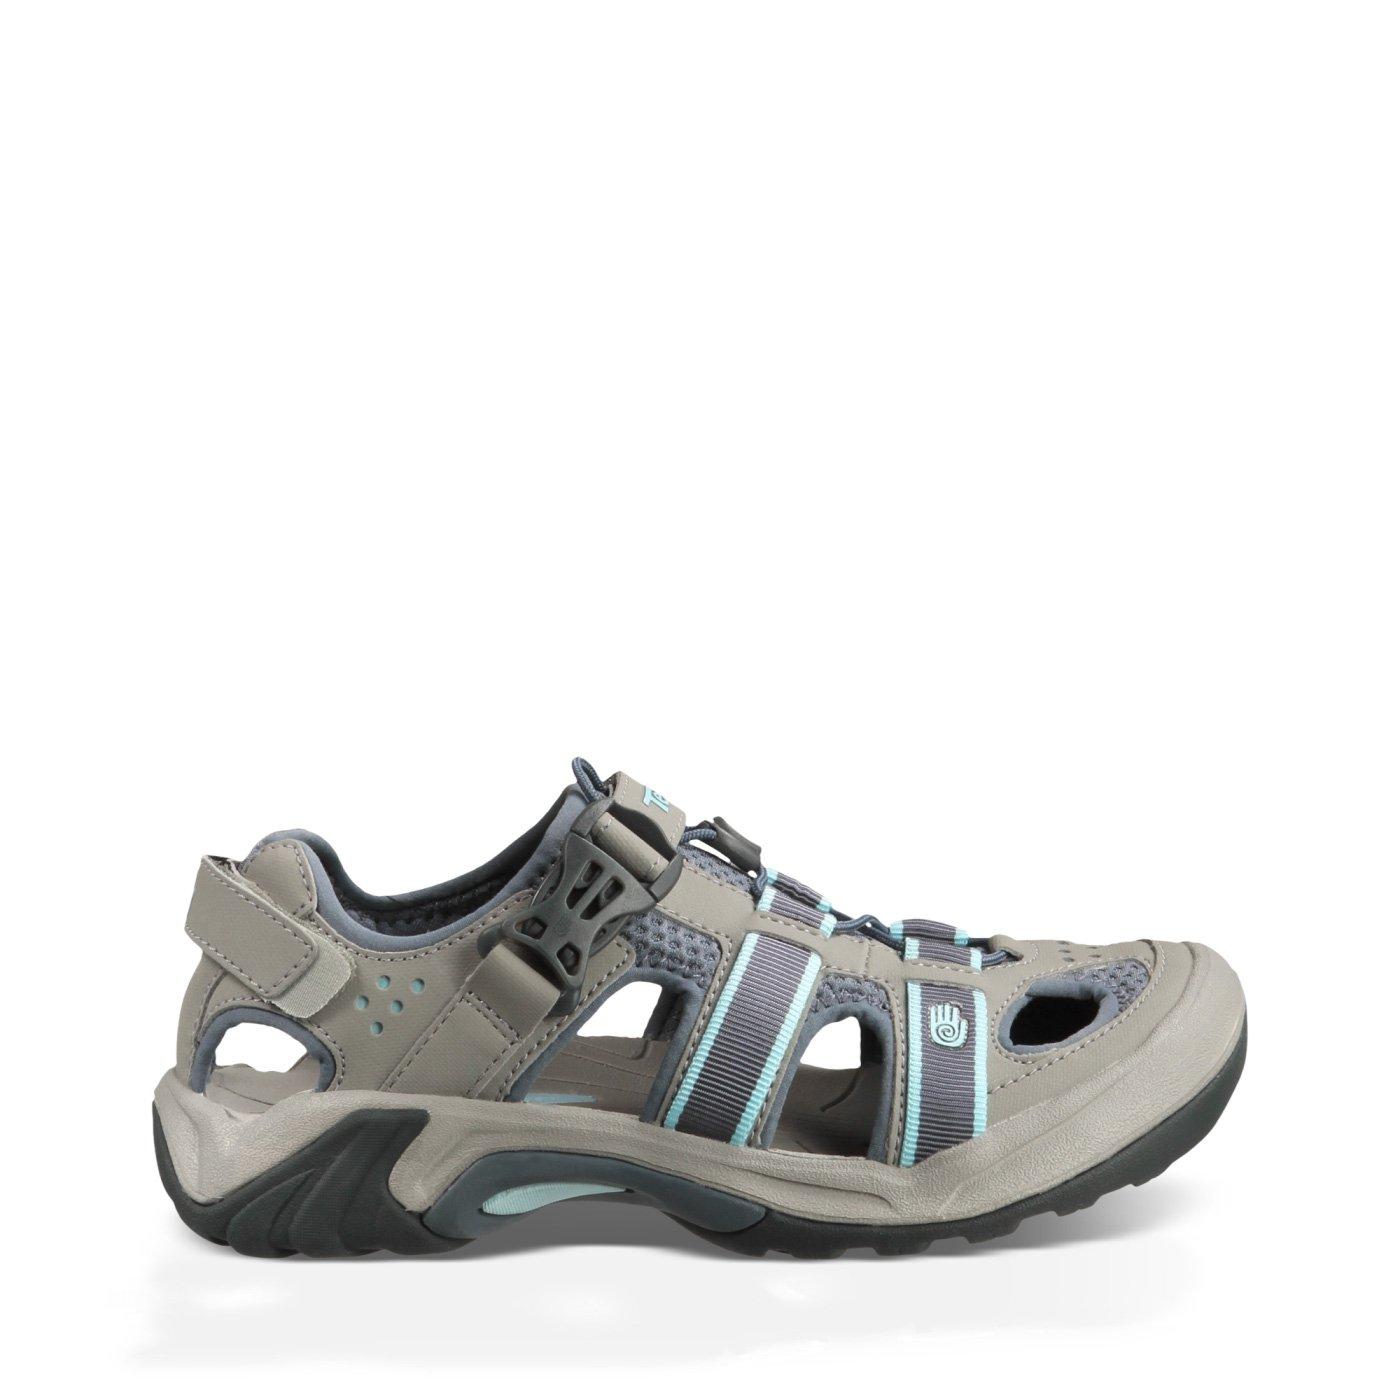 Teva Women's Omnium Sandal,Slate,8 M US by Teva